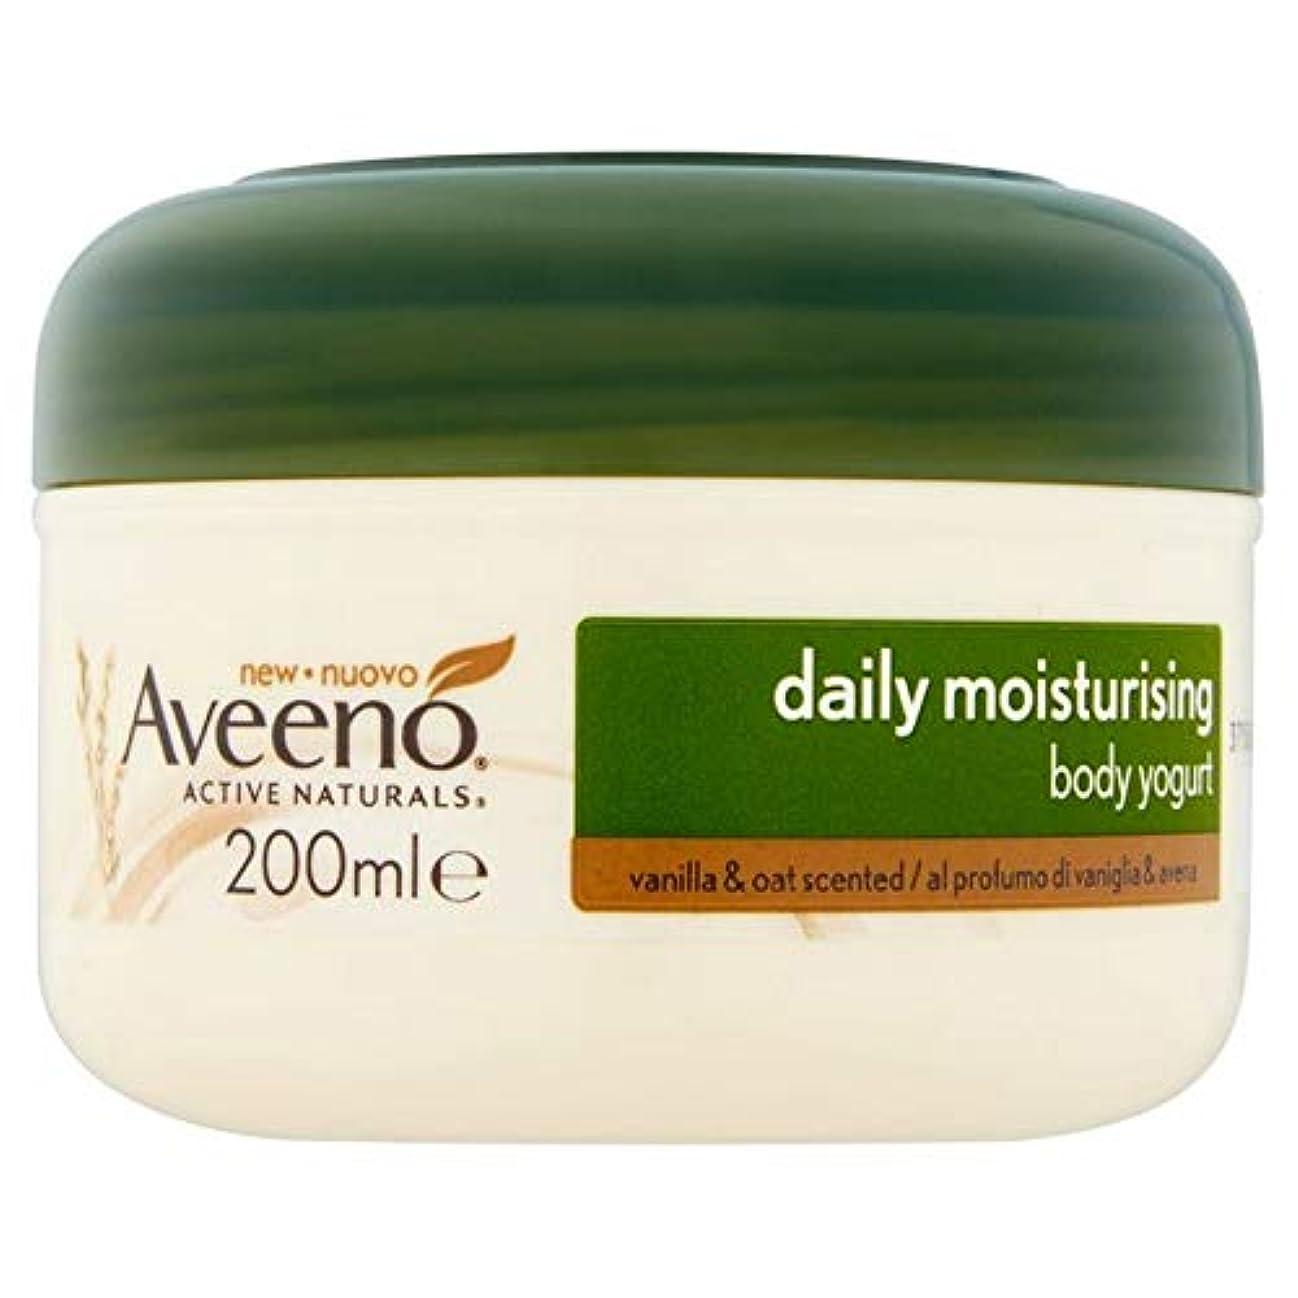 優勢保険をかける援助[Aveeno] Aveeno毎日保湿ボディヨーグルトバニラ&オーツの200ミリリットル - Aveeno Daily Moisturising Body Yogurts Vanilla & Oats 200ml [並行輸入品]